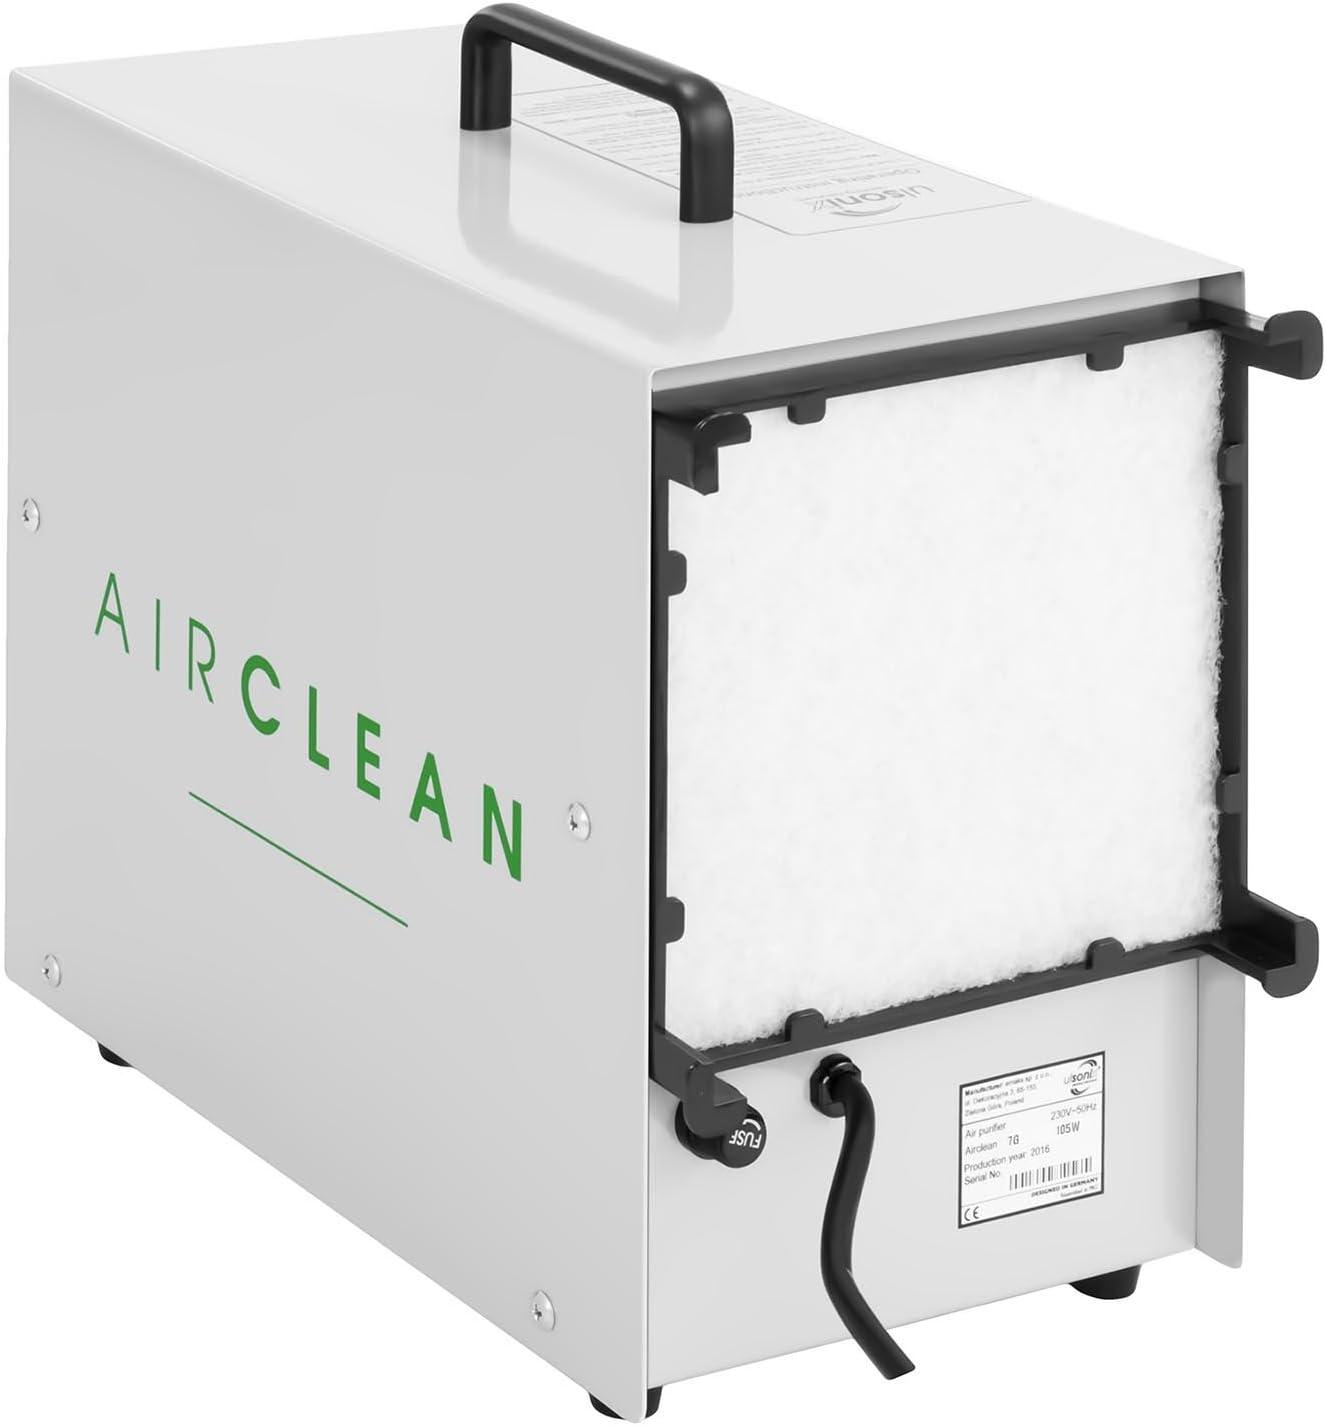 7000 mg par heure, 98 W, Minuterie, T/él/écommande incluse Ulsonix AIRCLEAN 7G G/én/érateur dozone Industrielle Blanc